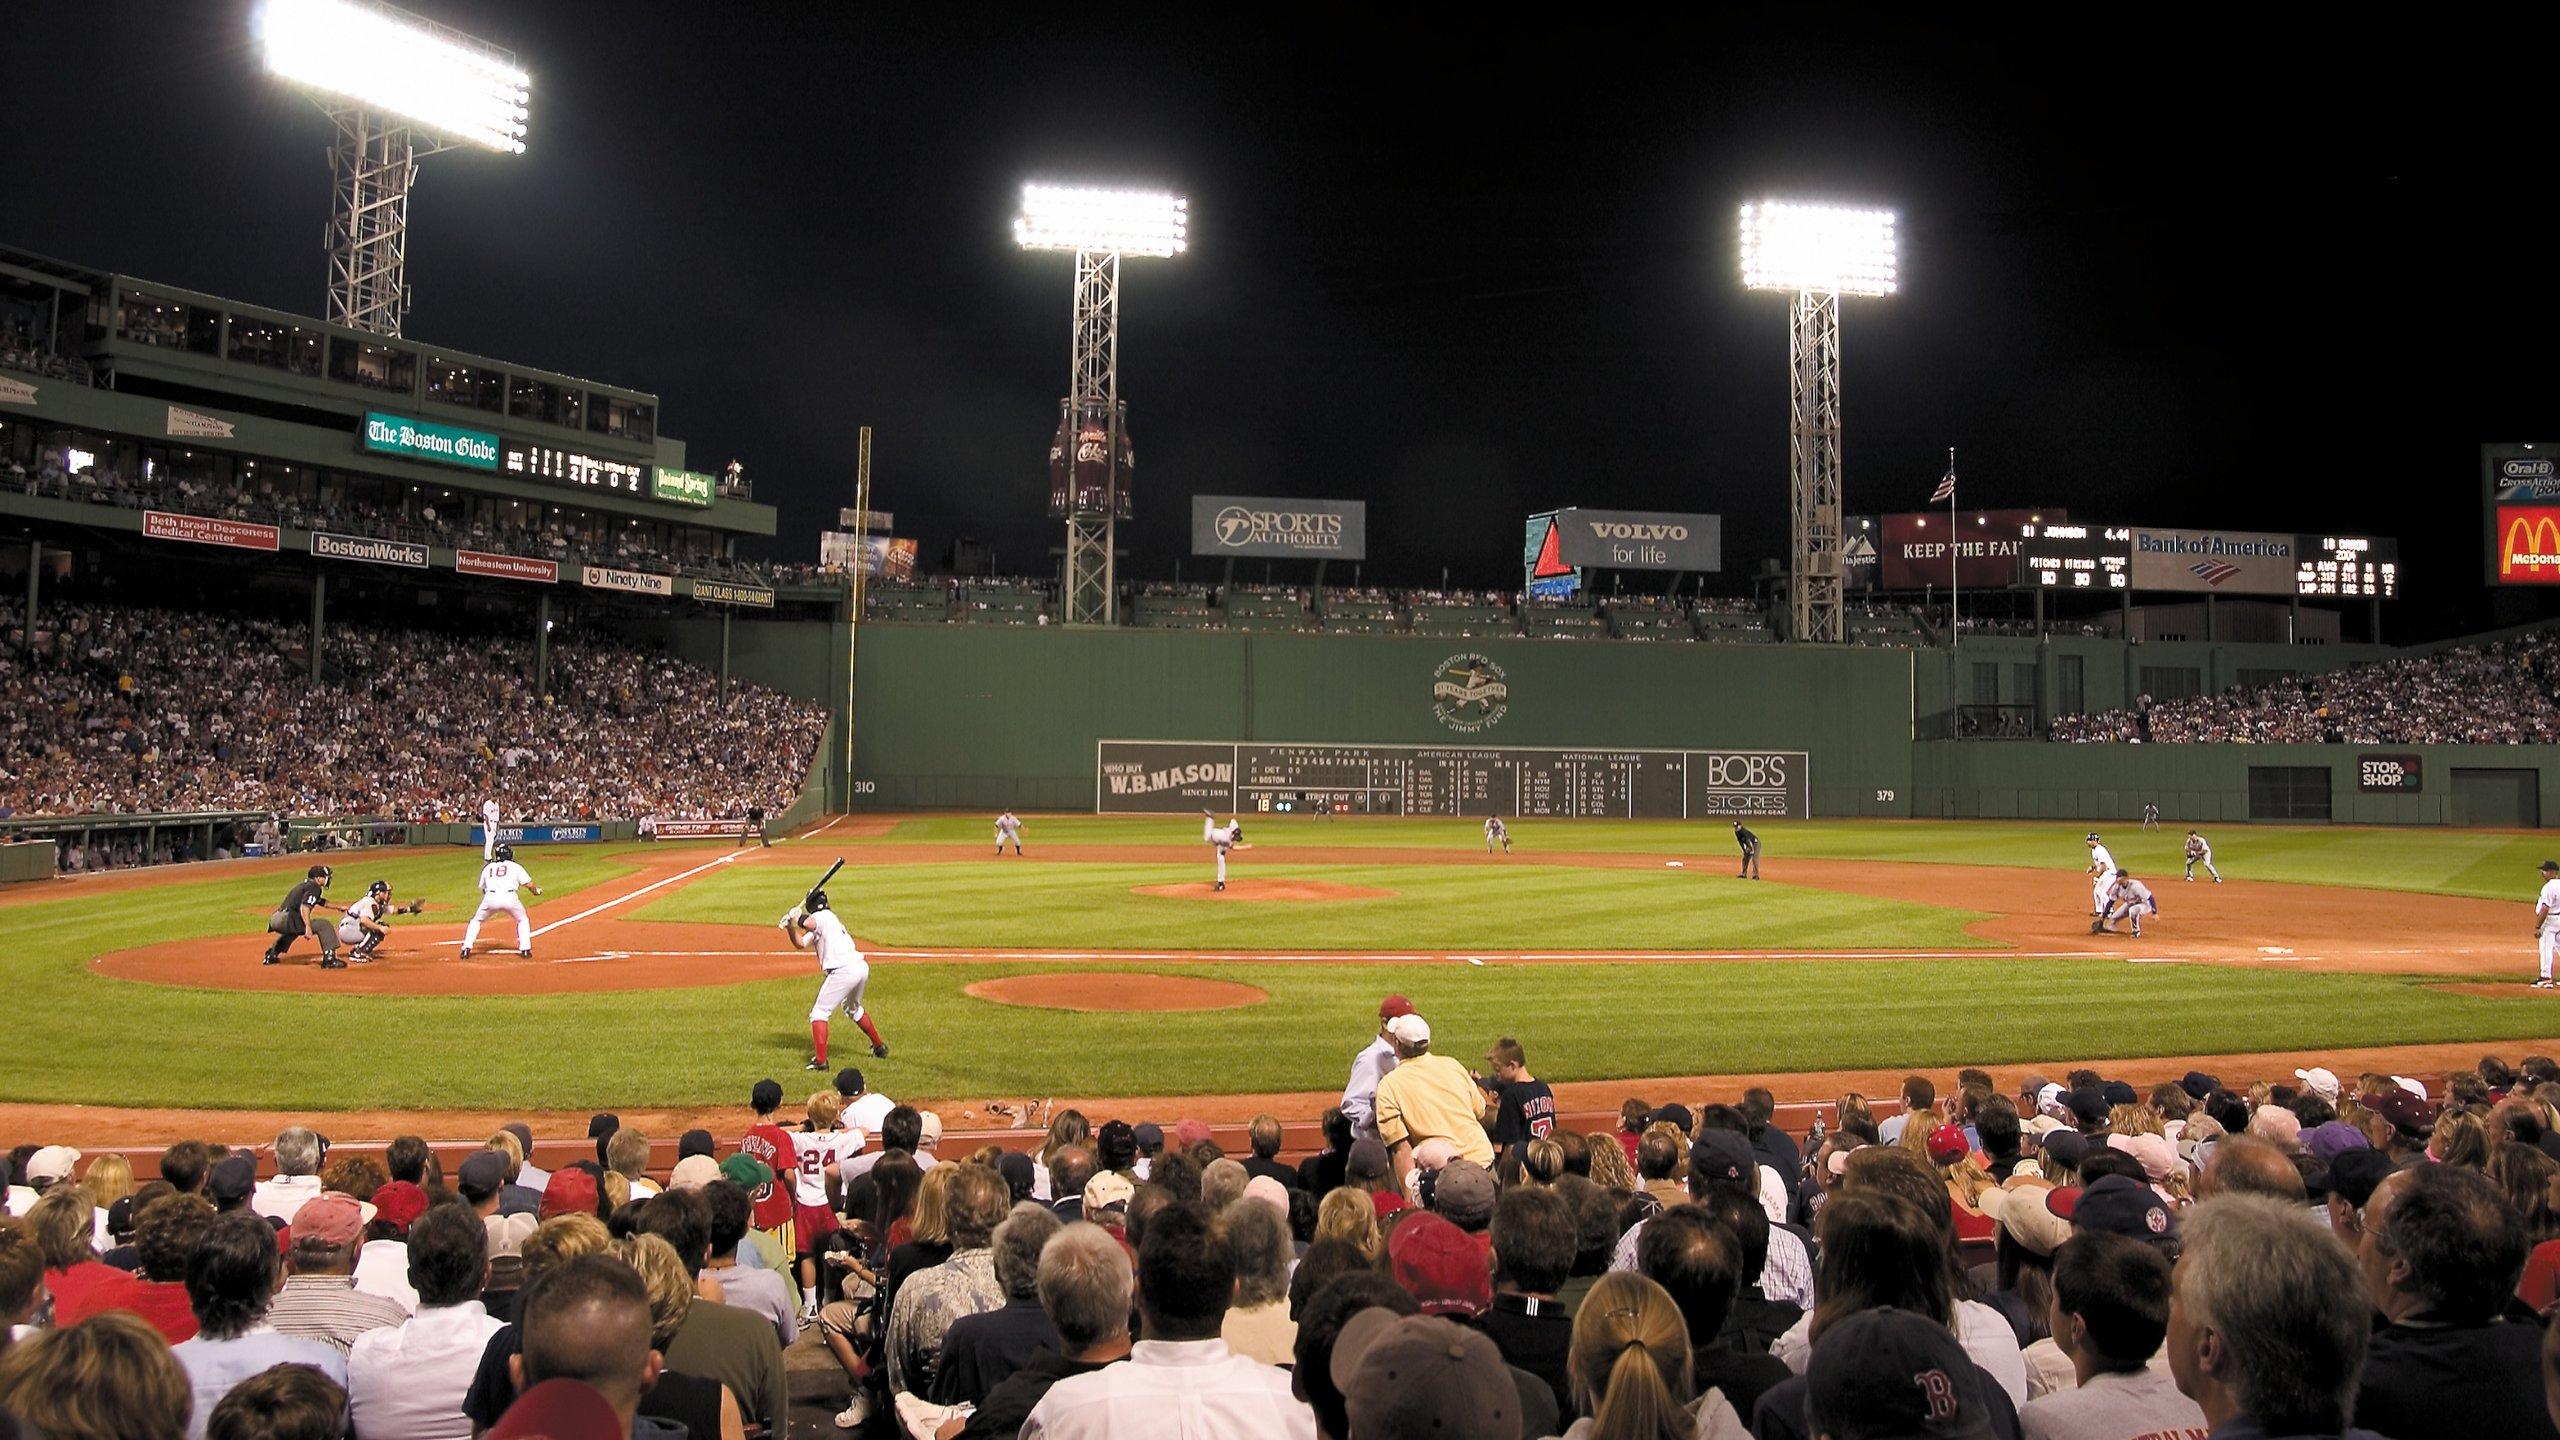 Assista a um jogo ou faça um passeio por um dos mais históricos e queridos estádios de beisebol dos Estados Unidos.